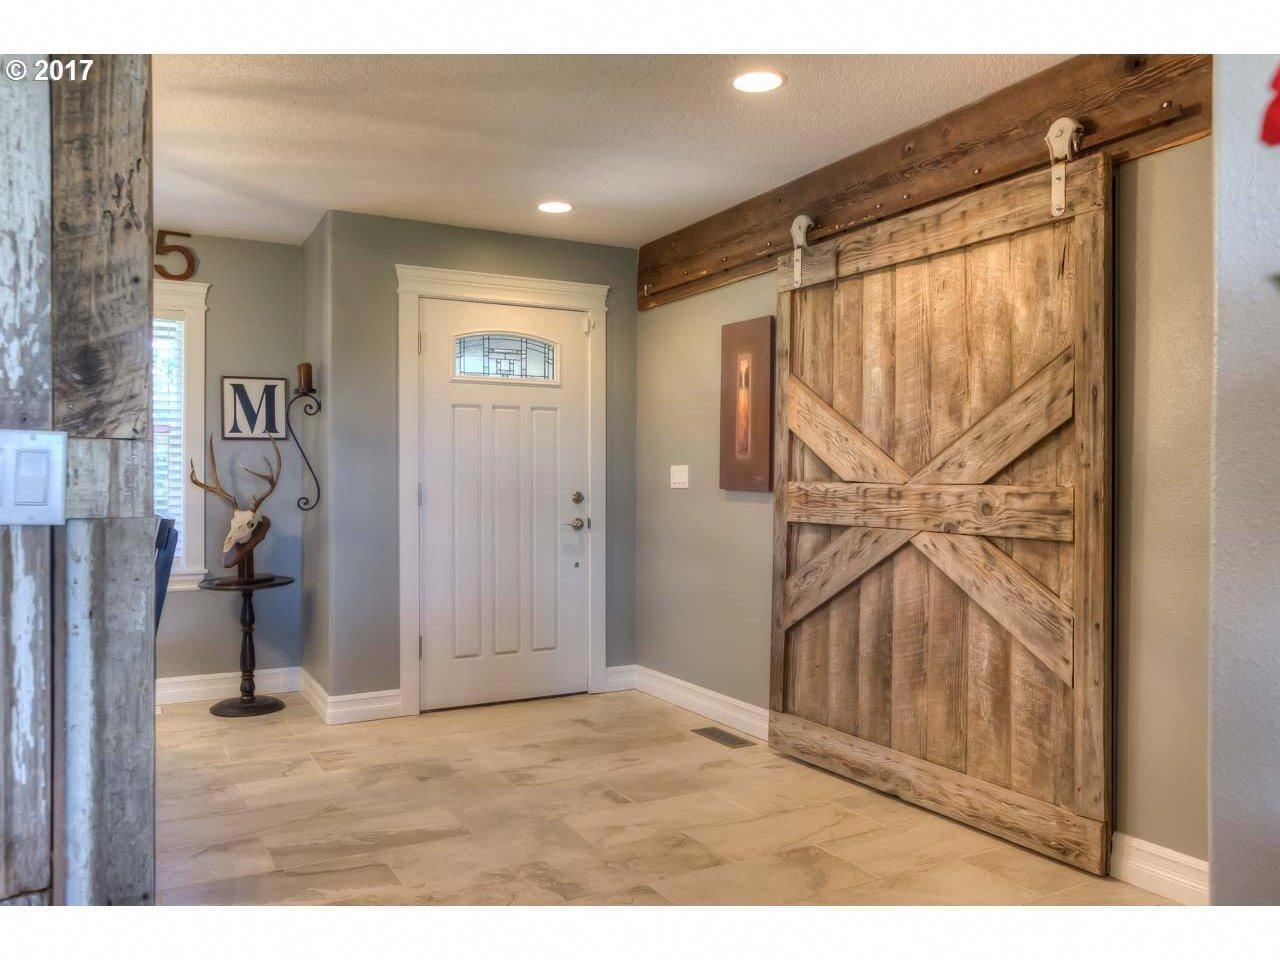 Interior Doors For Sale Double French Doors Hallway Sliding Door 20190505 Basement Living Rooms Interior Doors For Sale Barn Doors Sliding